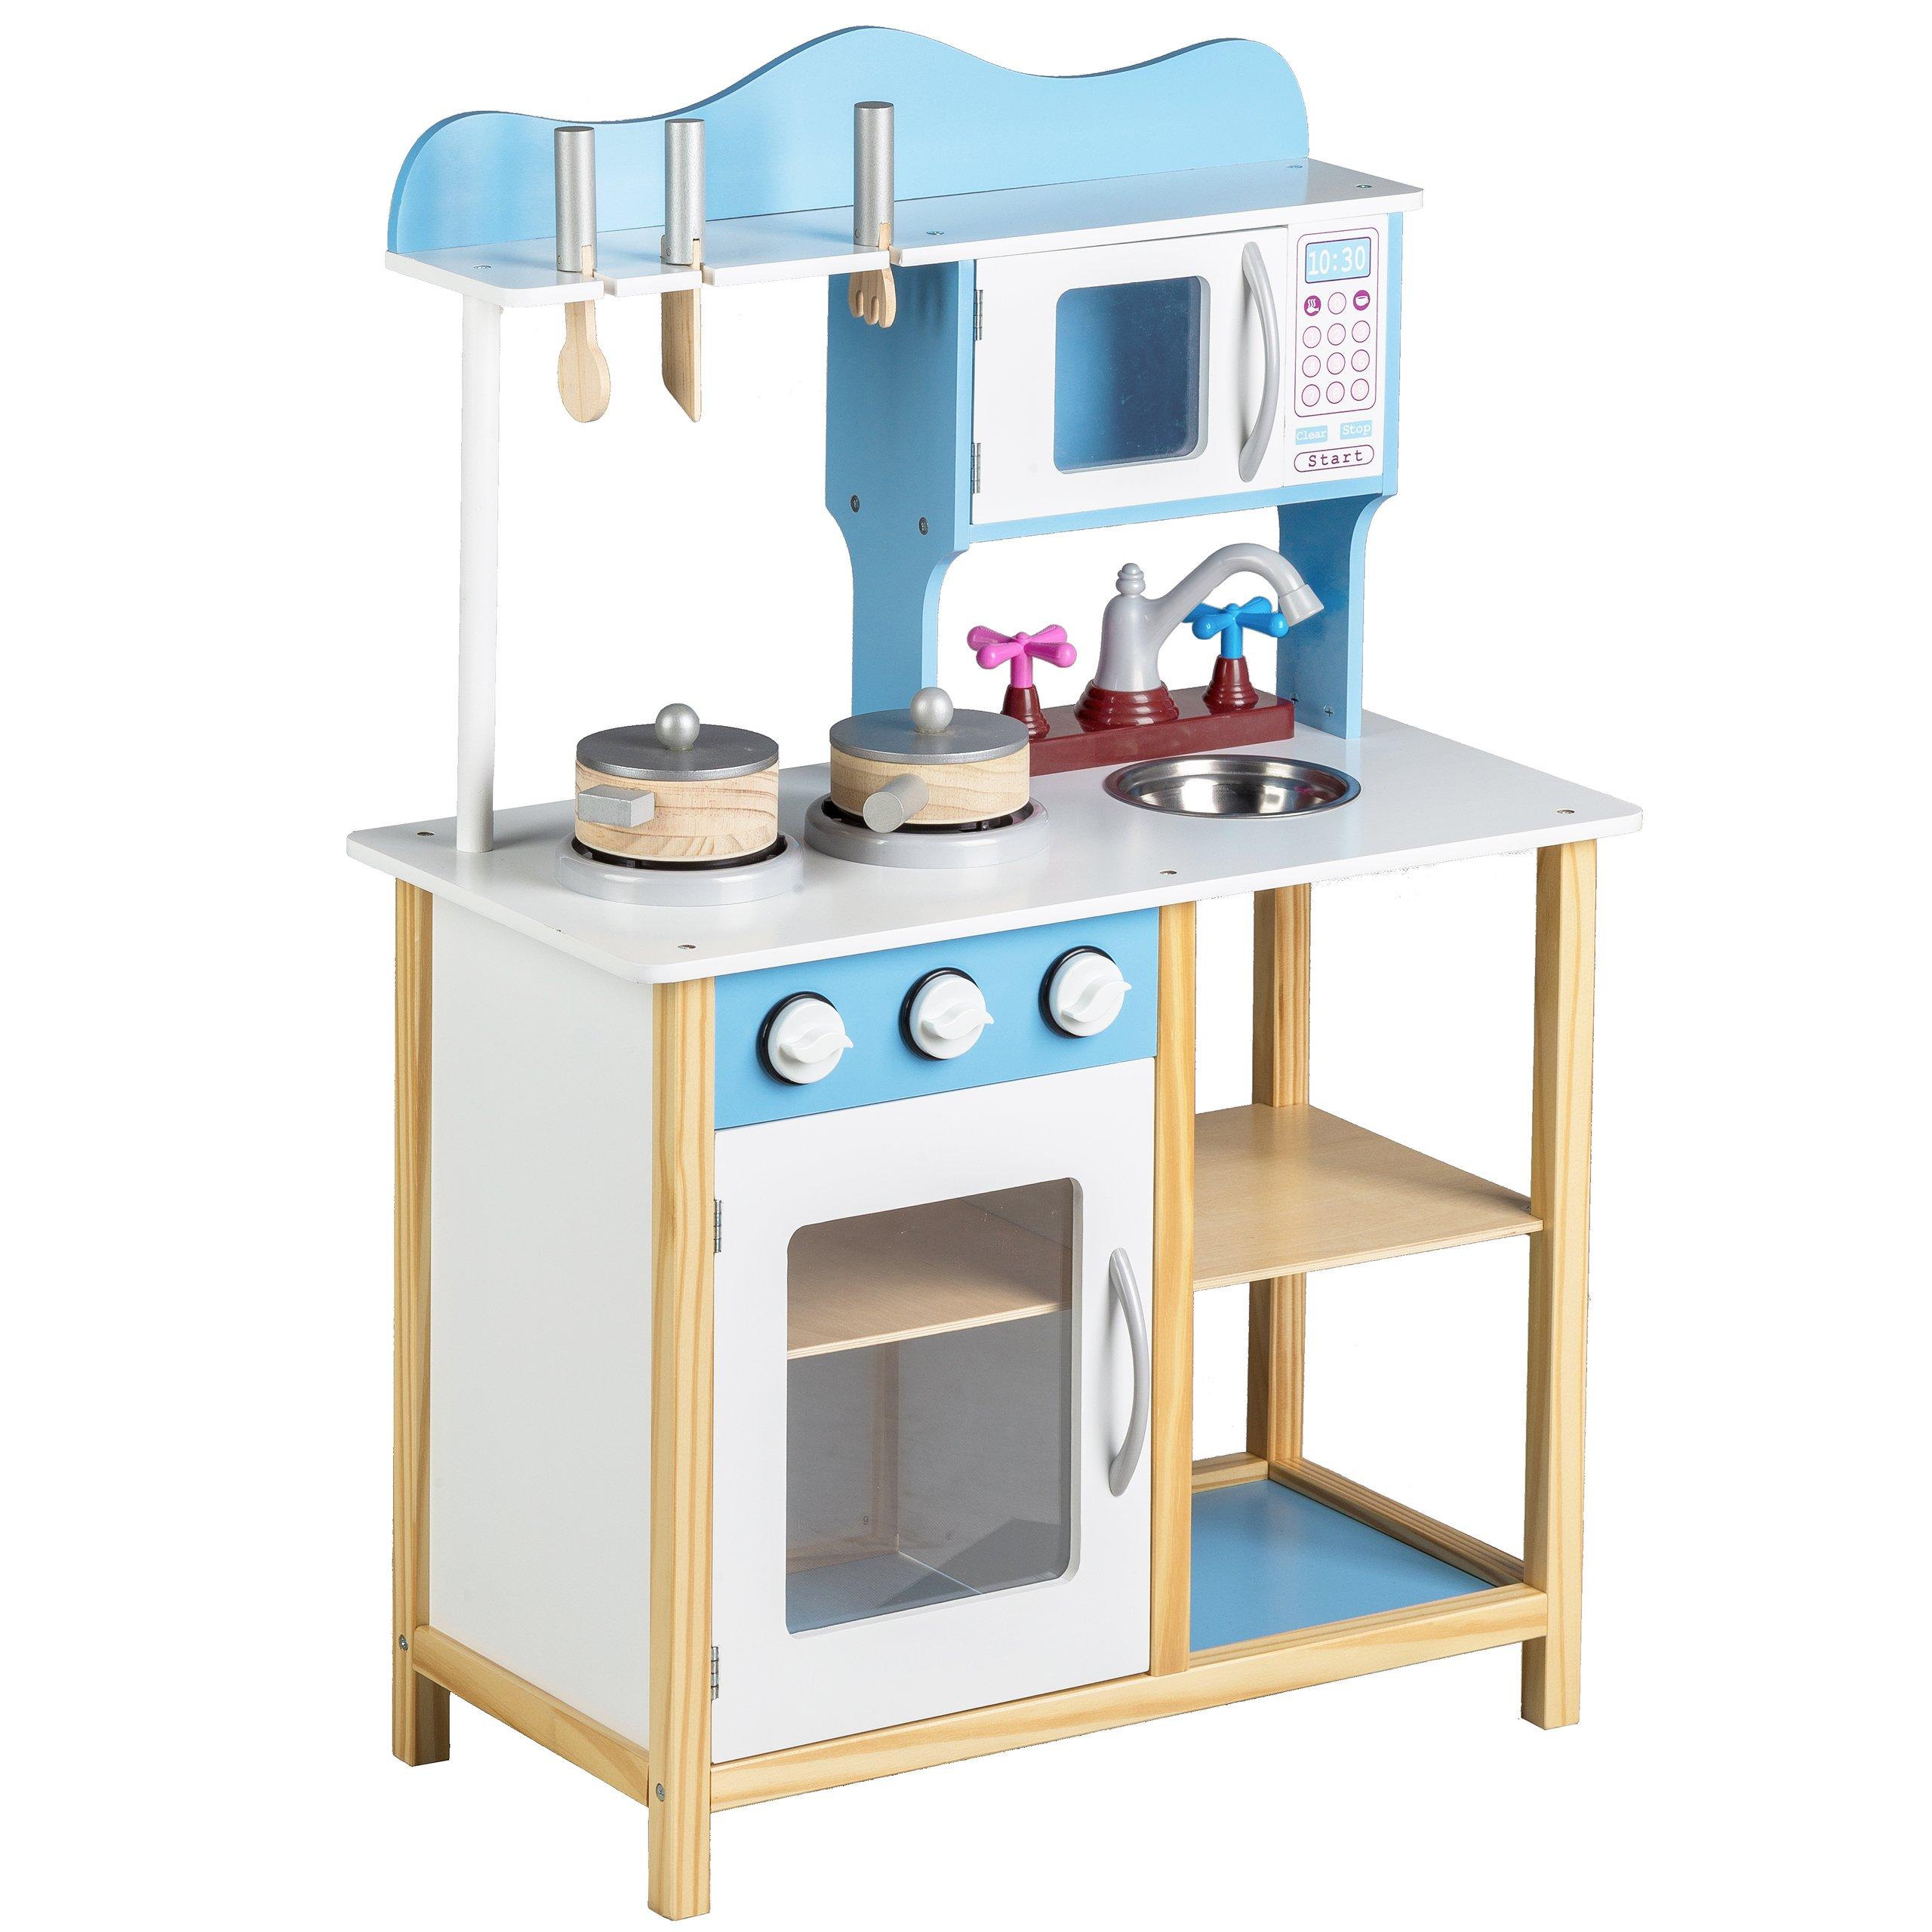 Kuchnia Dla Dzieci Wyposazenie Drewniana Mikro 7181368668